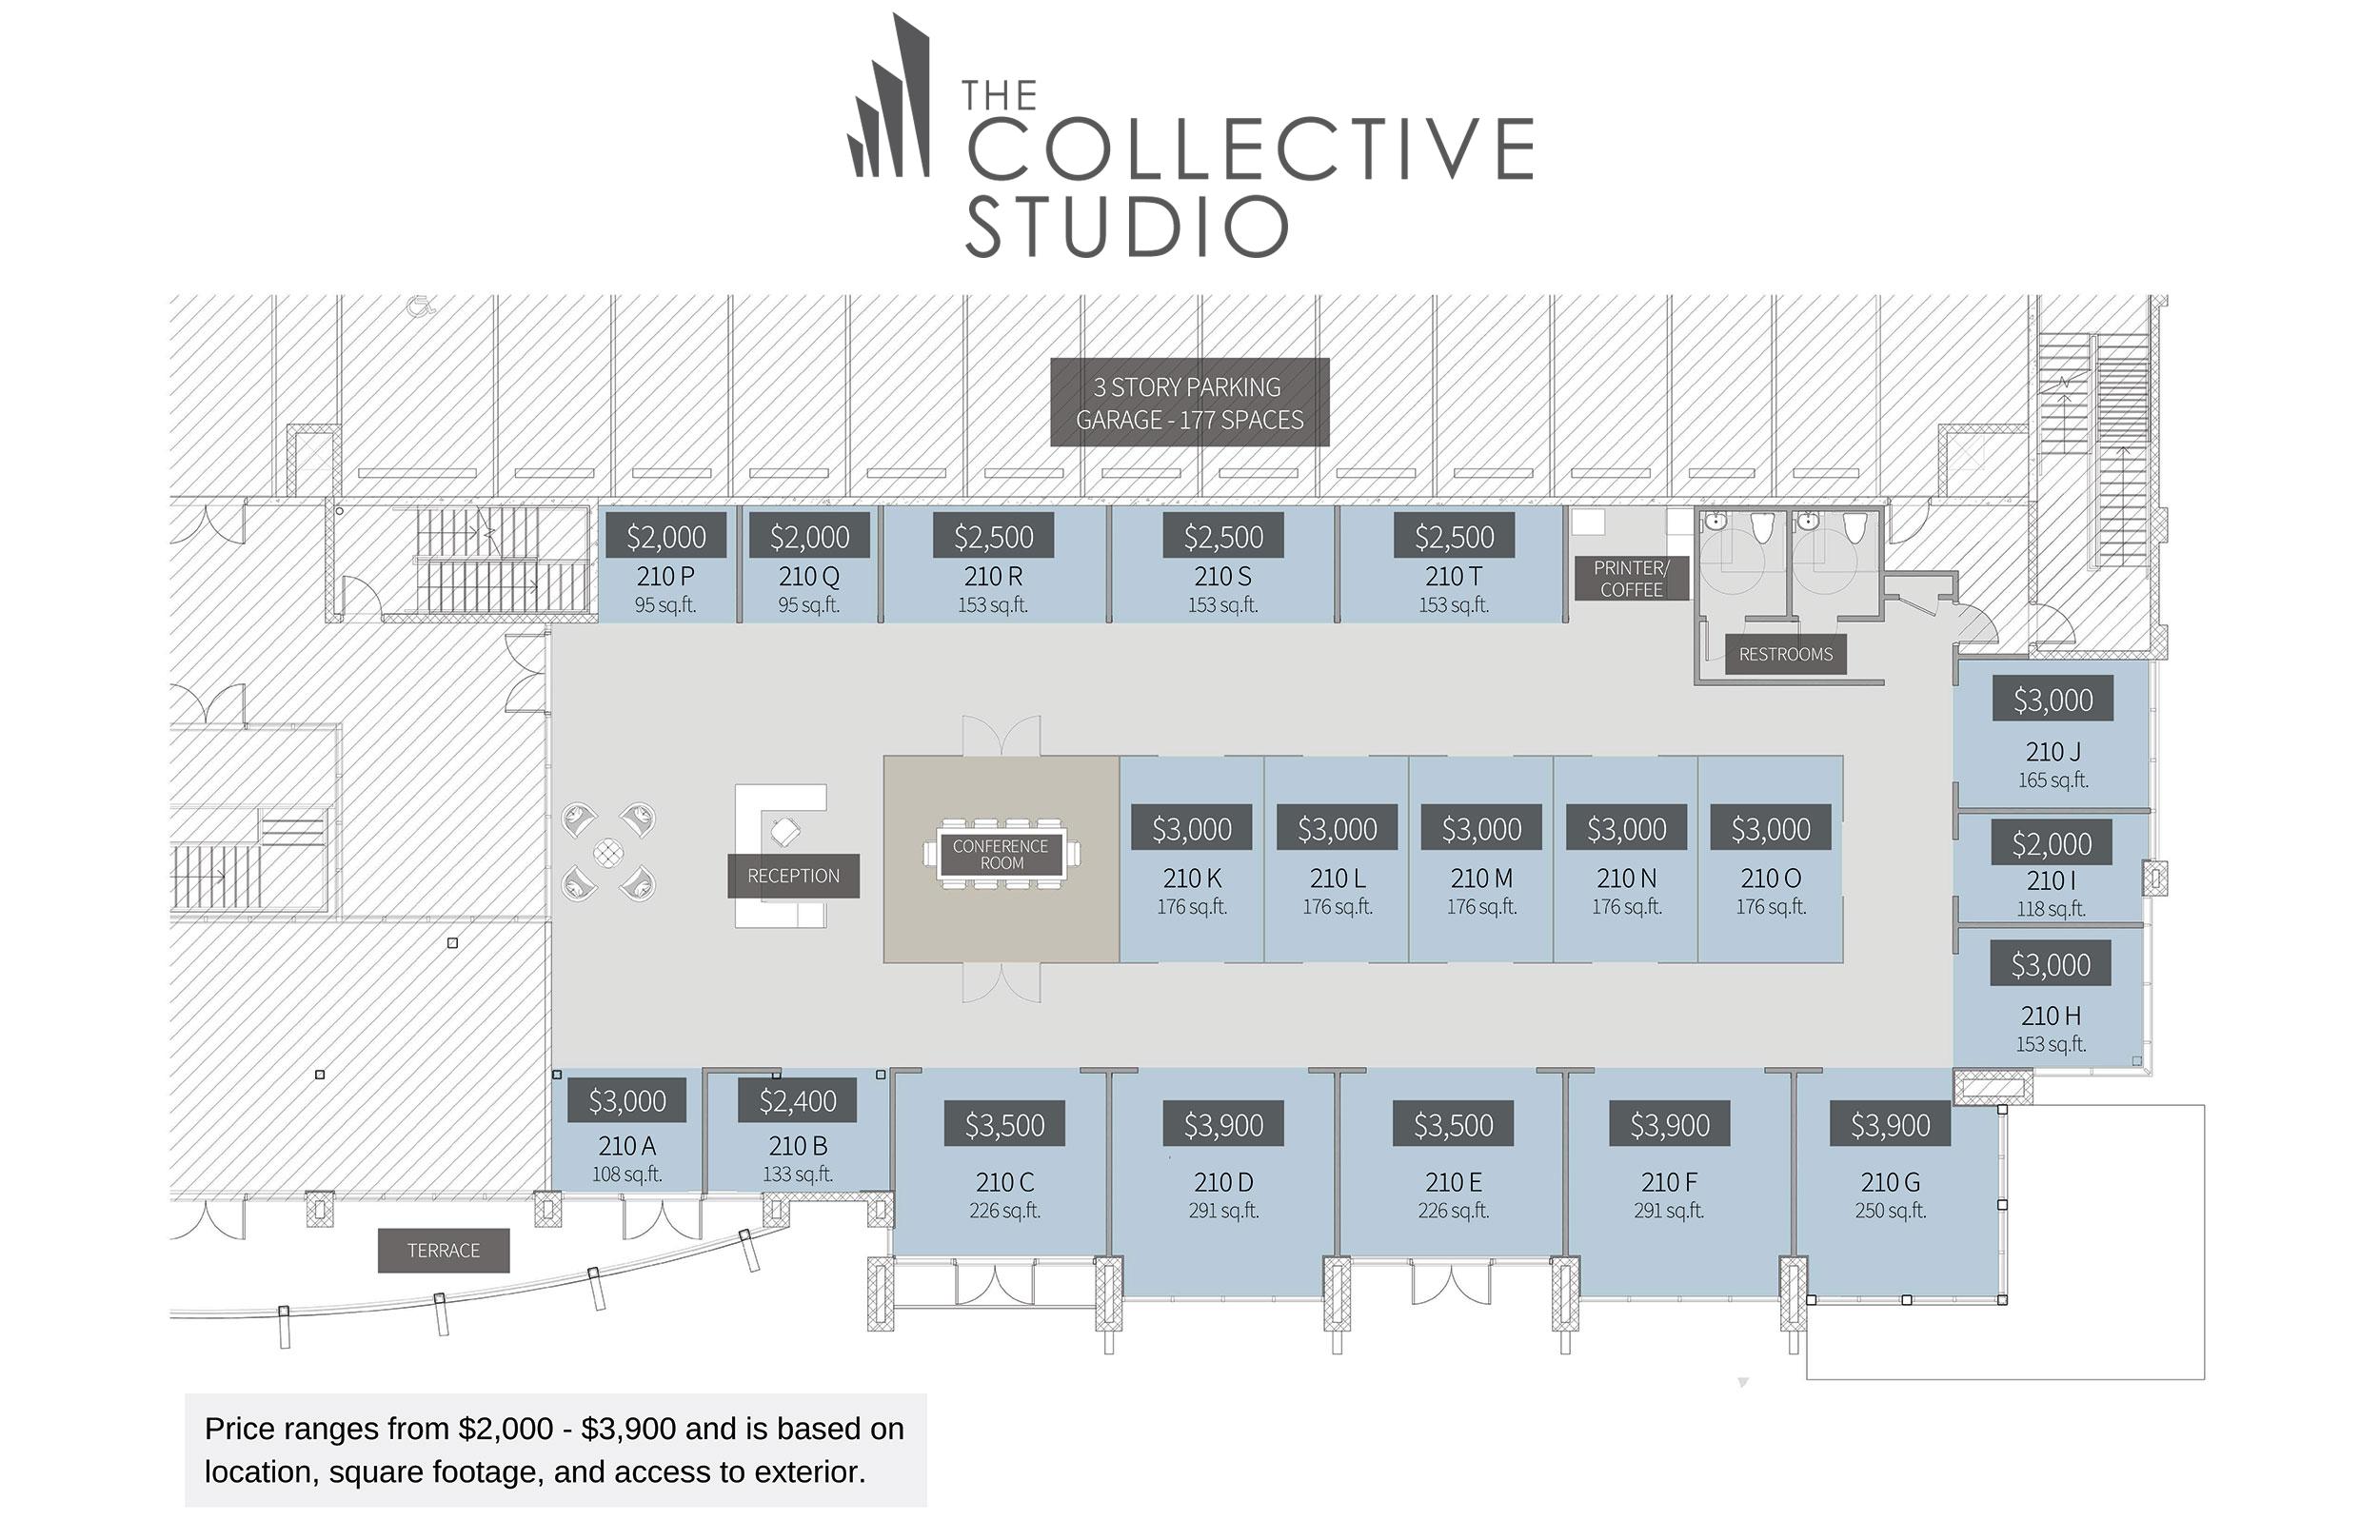 The Collective Studio Floor Plan